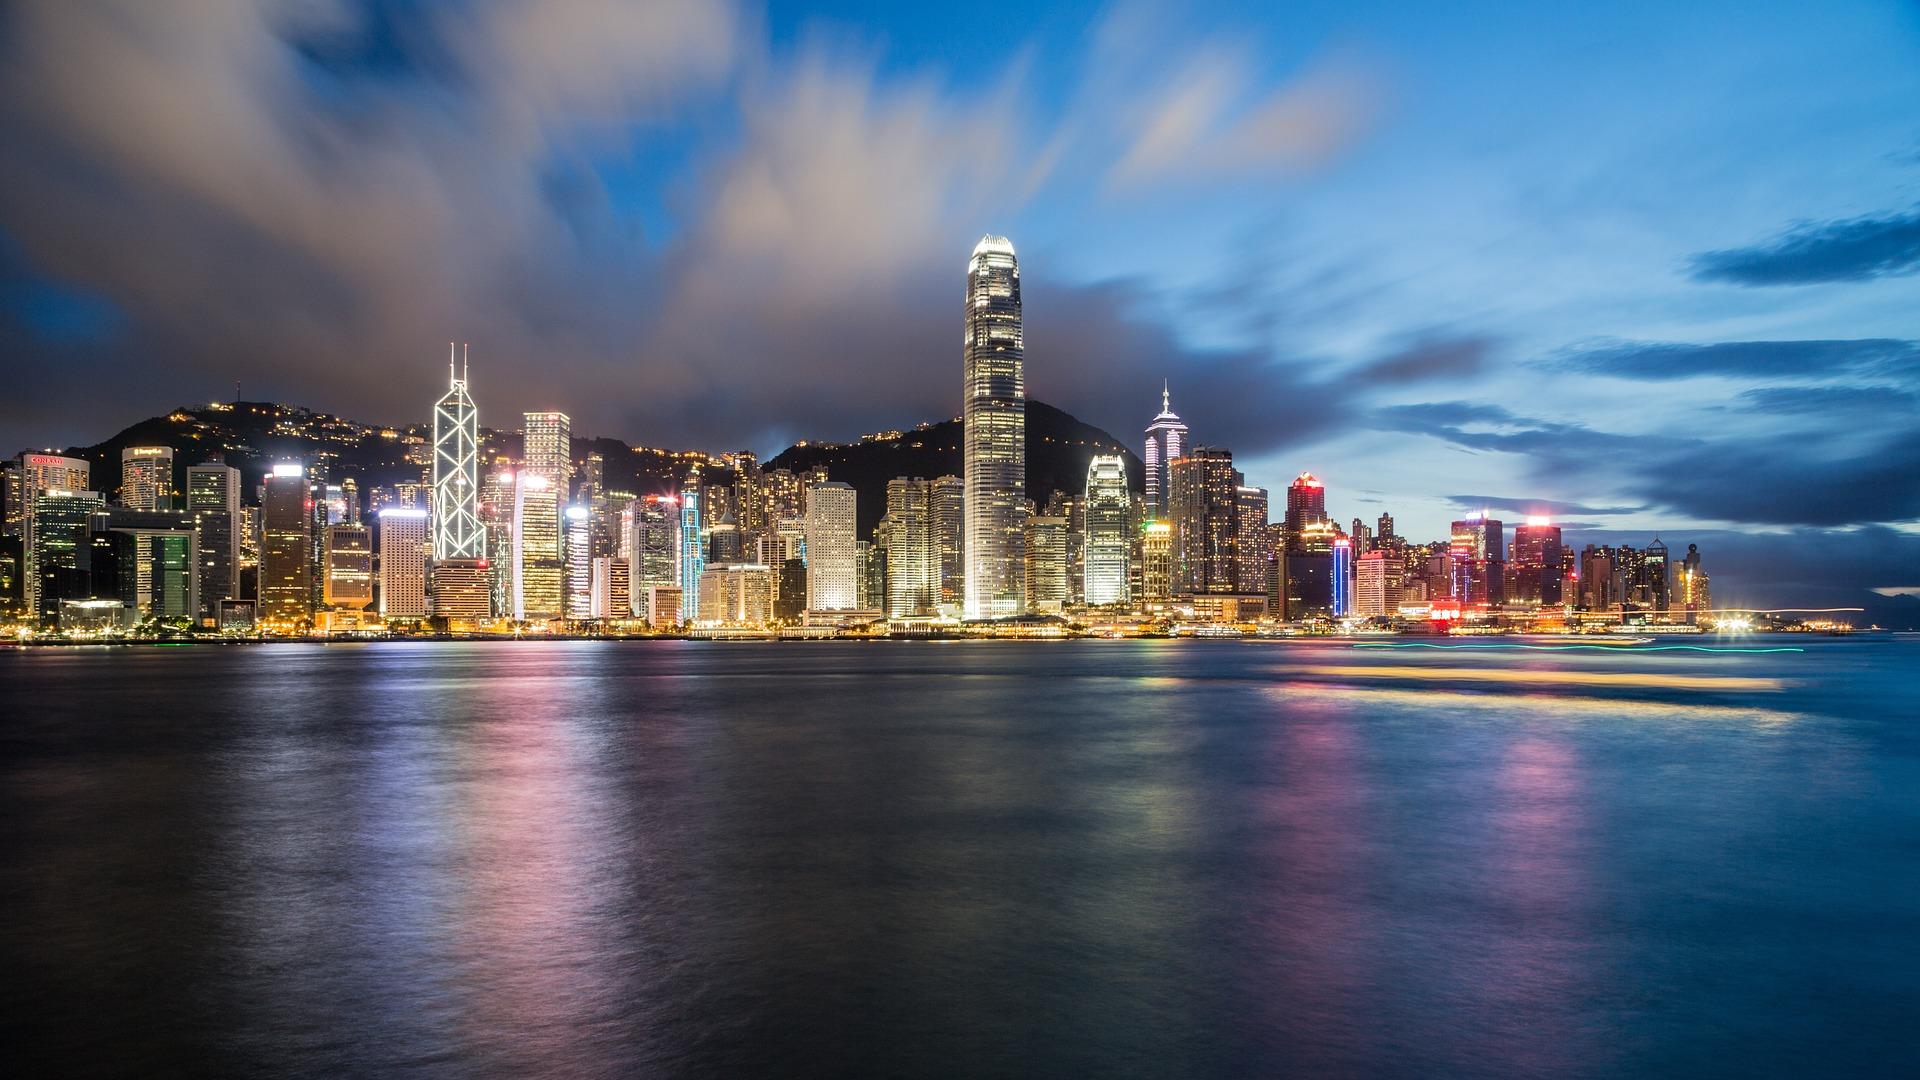 Za 40 milinów dolarów możesz mieć wirtualny bank w Hong Kongu. Jak to zrobić?